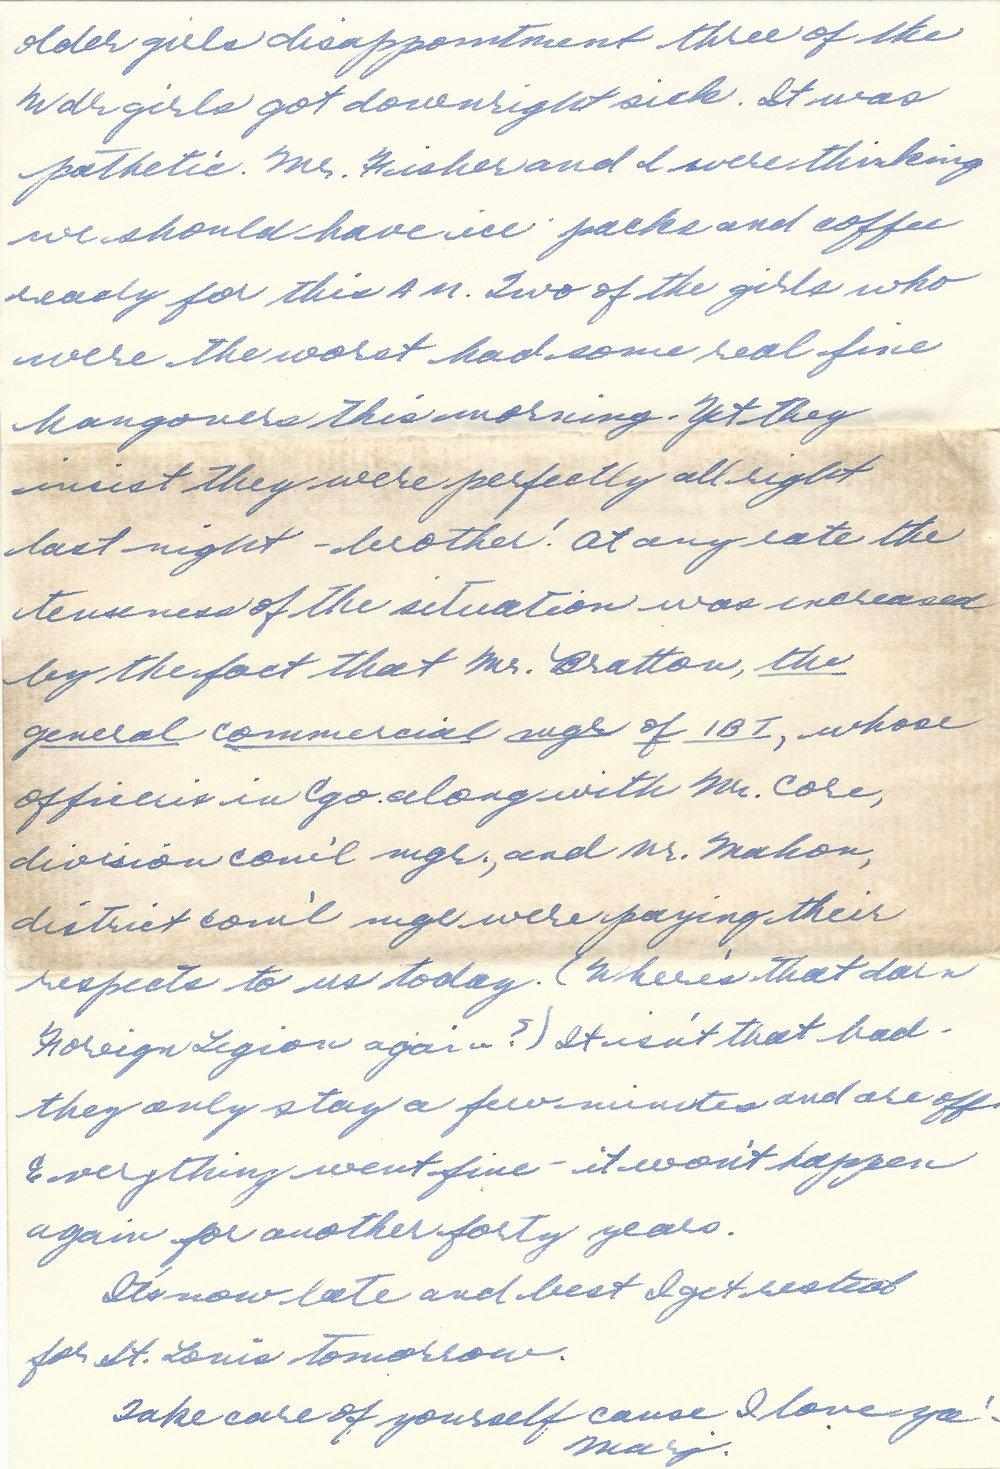 4. Dec. 16, 1952 (Oma)_Page_5.jpg